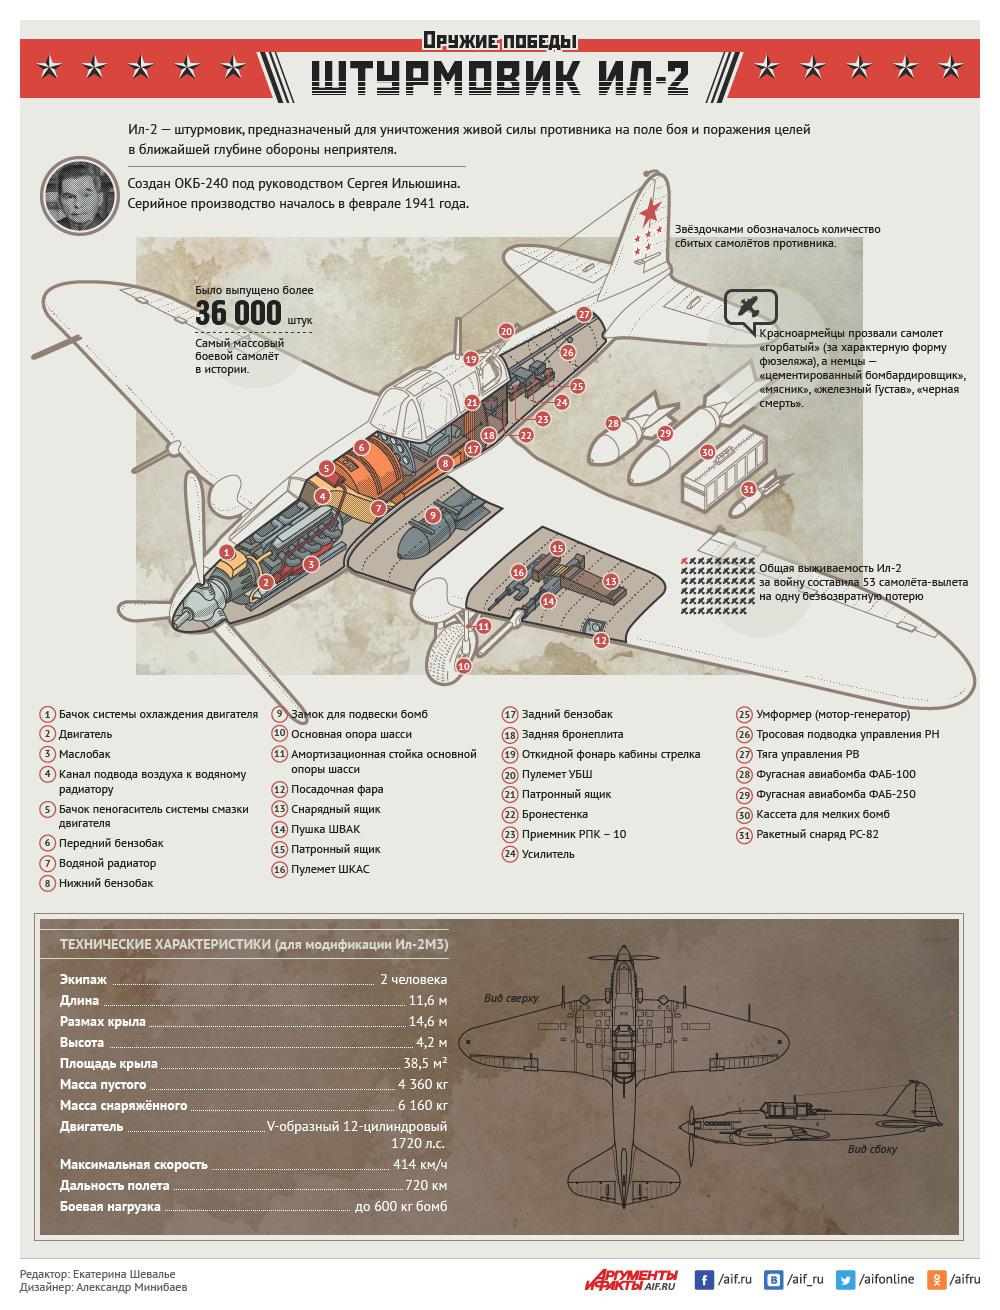 9 Мая 1945. Оружие Победы. Штурмовик Ил-2